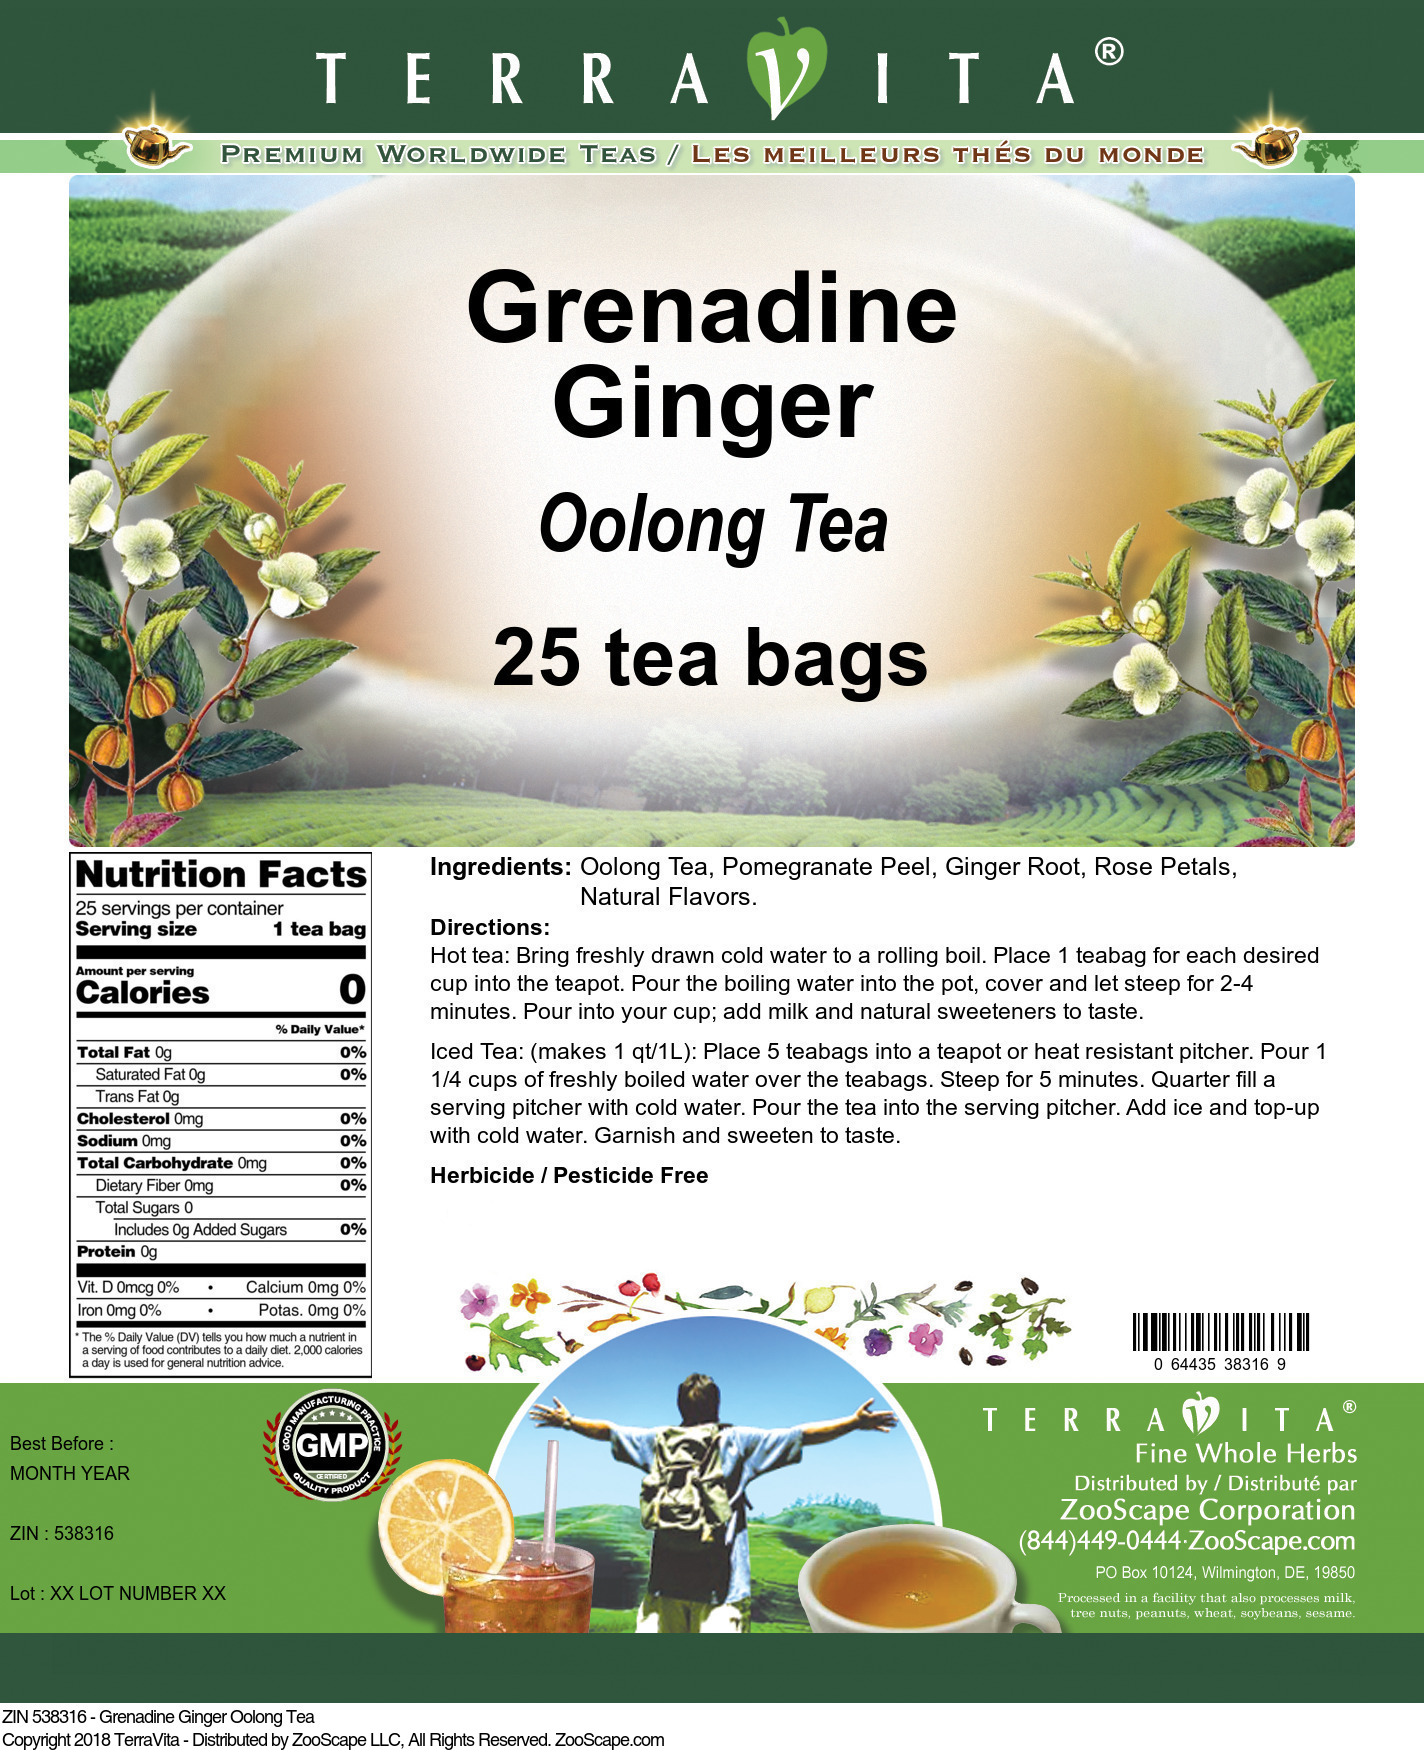 Grenadine Ginger Oolong Tea